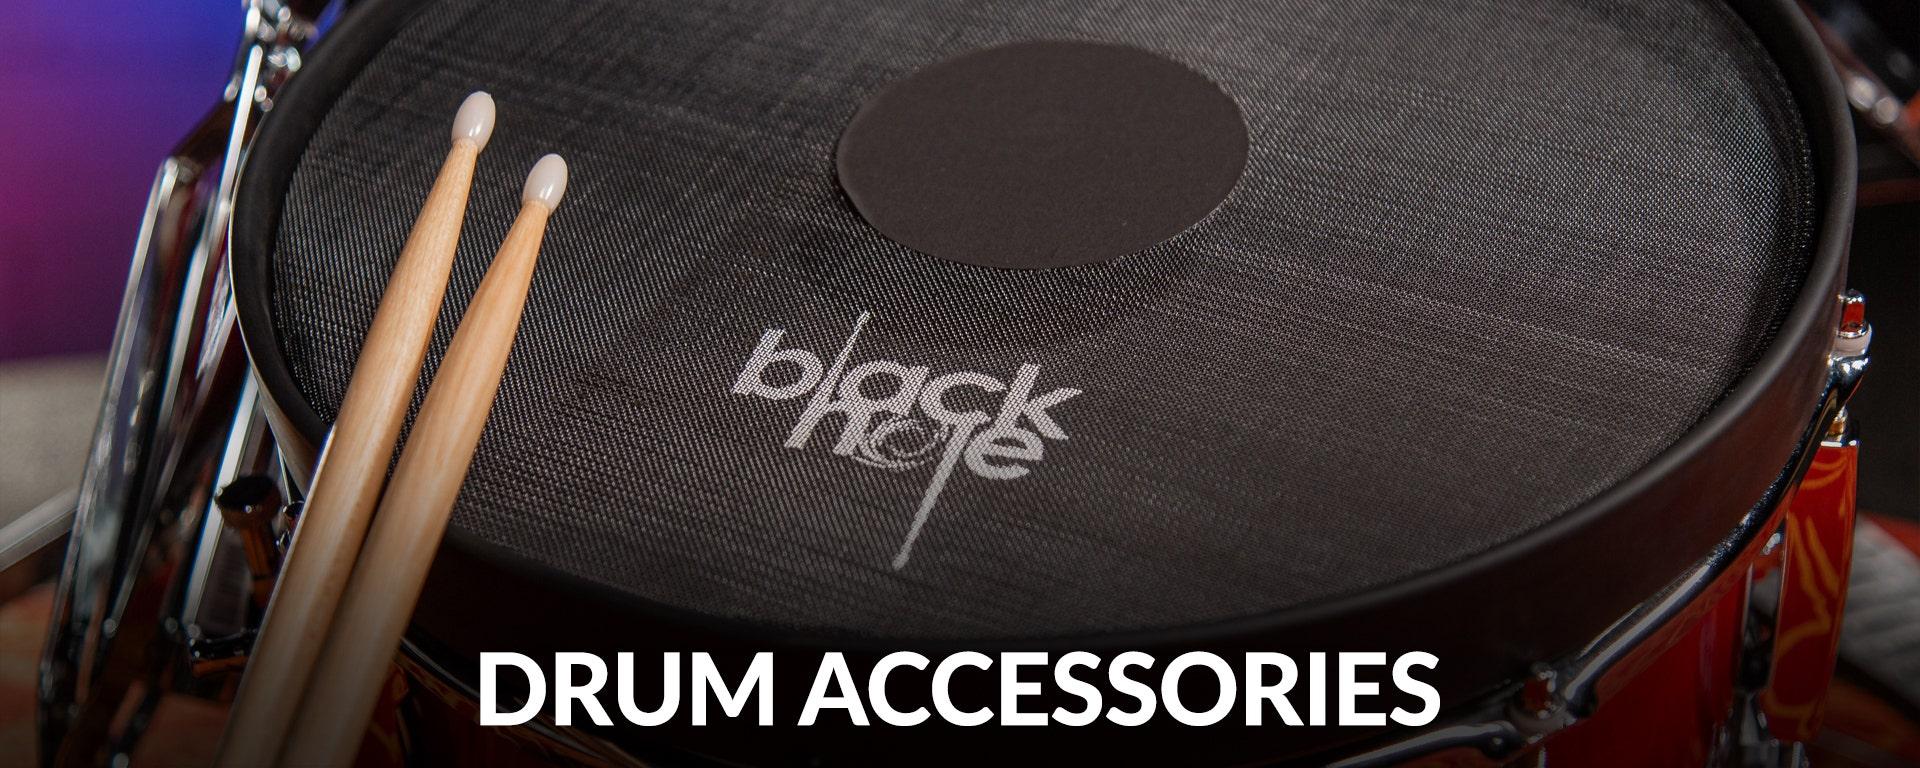 Drum Accessories at samash.com